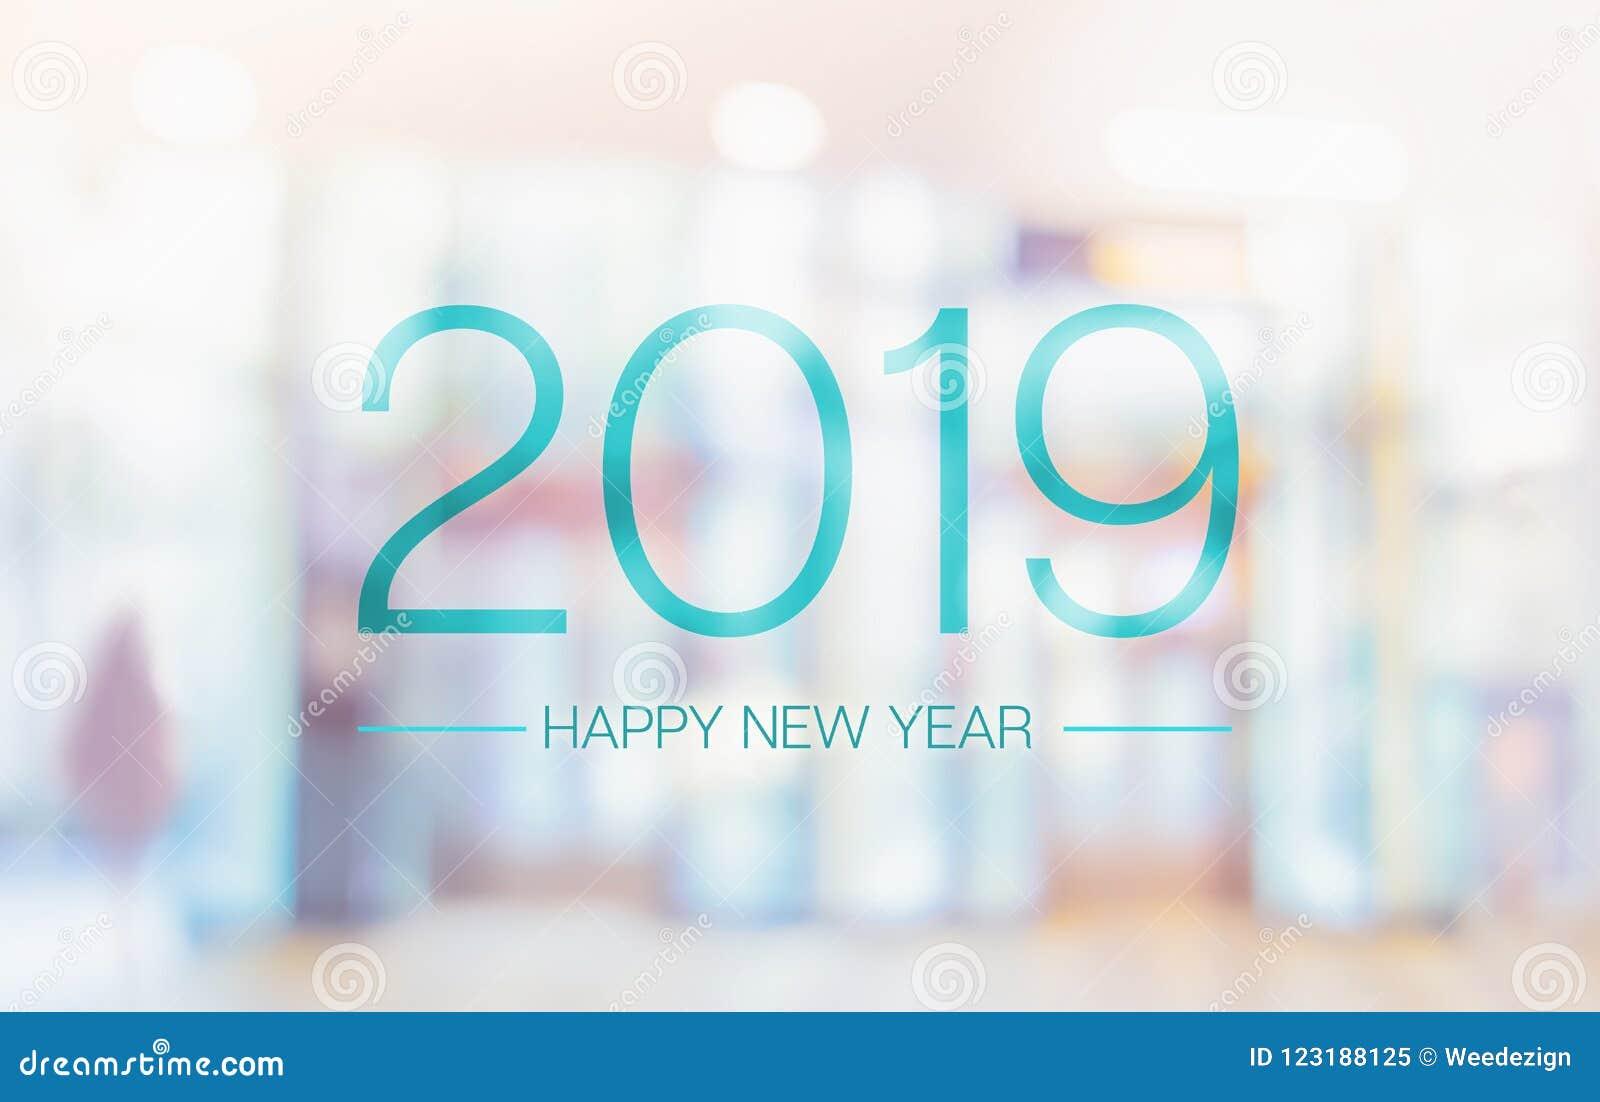 Palavra do ano novo feliz 2019 no offi pálido do salão de convenção da cor do borrão